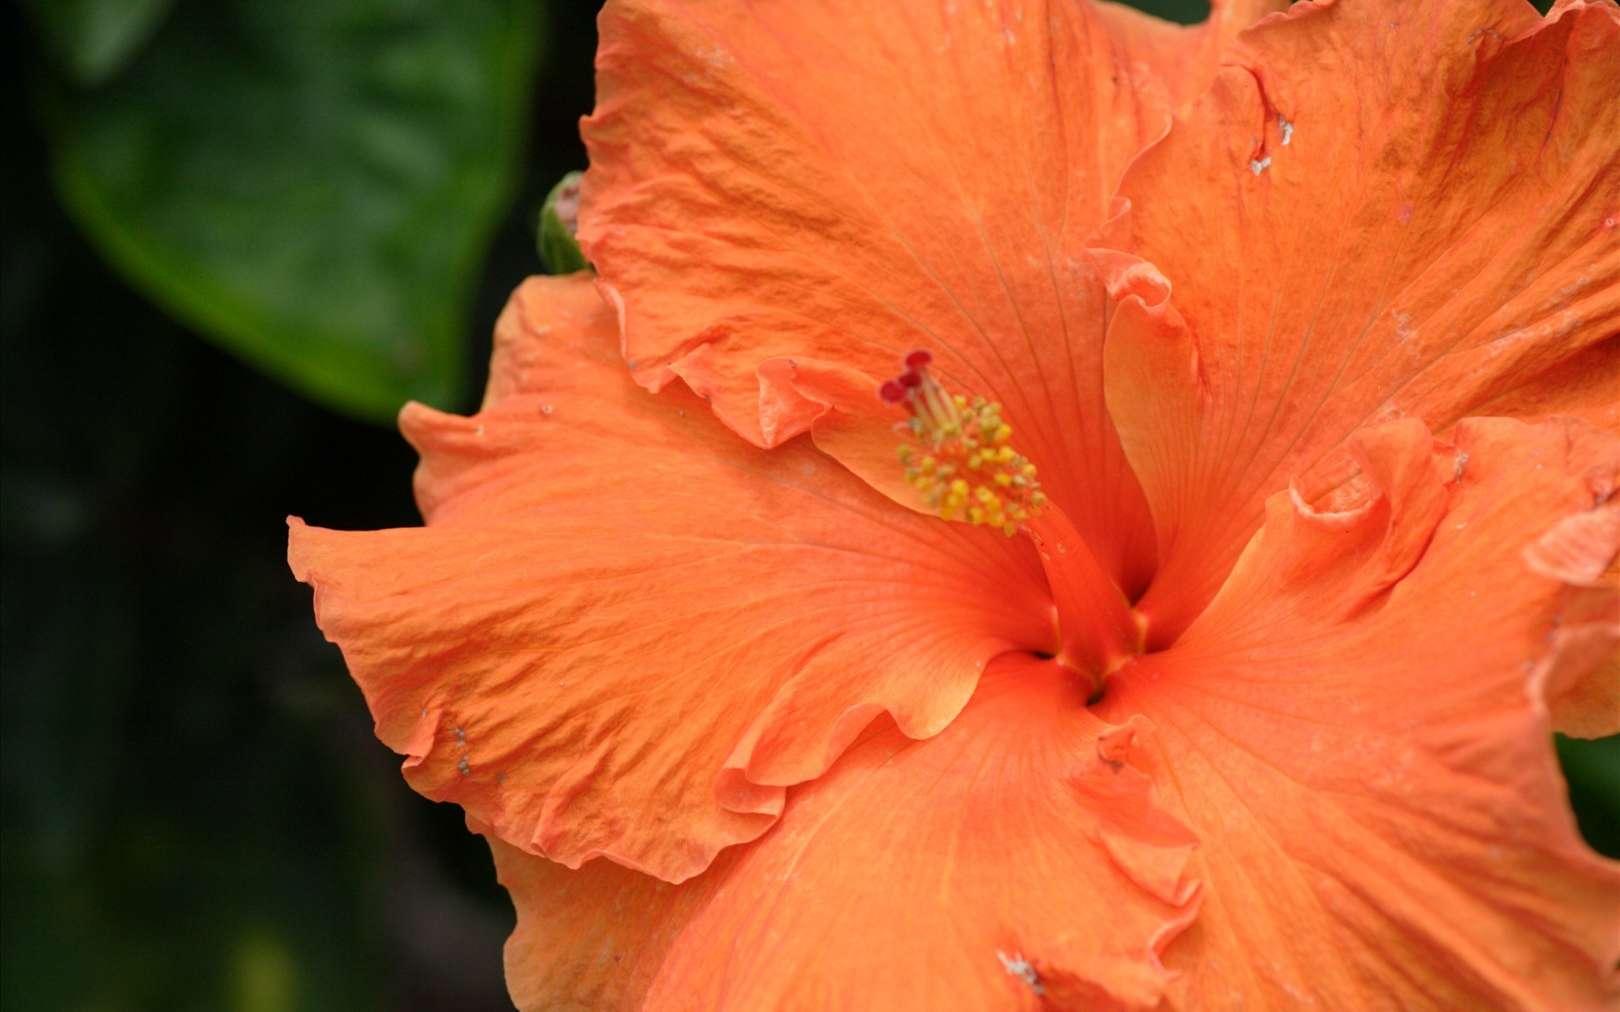 L'hibiscus rose de Chine, arbuste de la famille des Malvacées. © van swearingen, Flickr CC by nc-sa 2.0